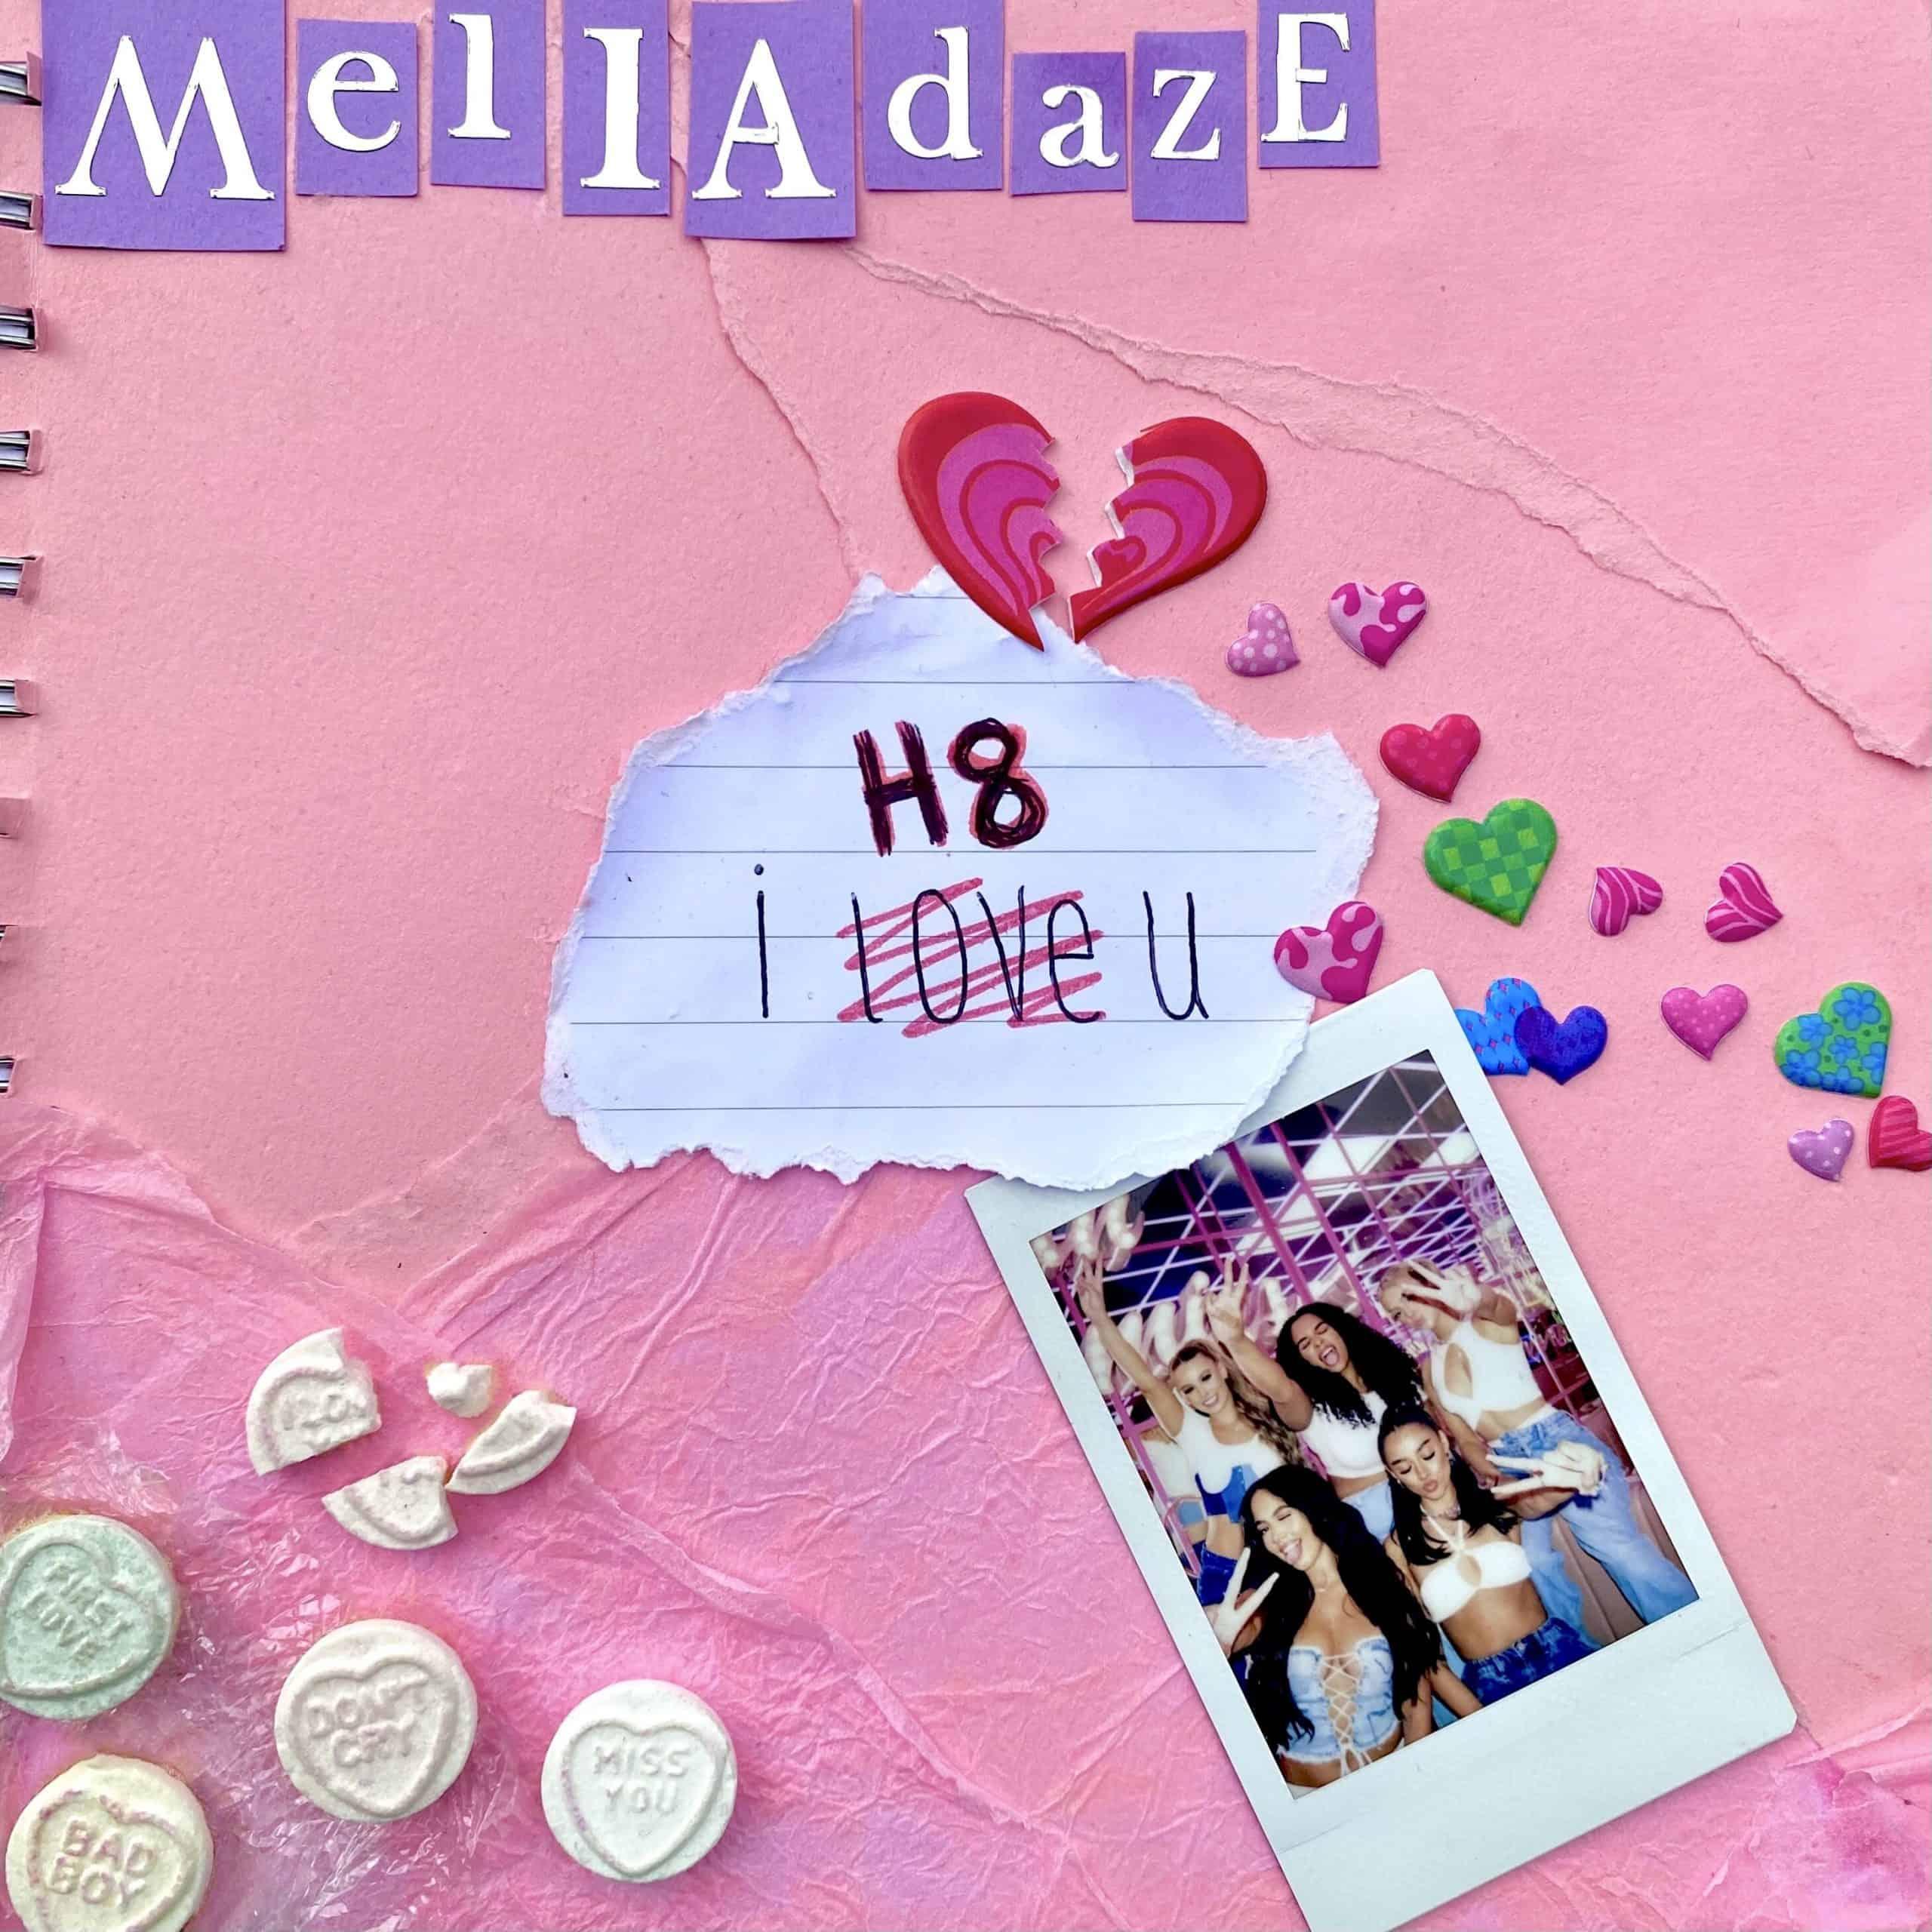 """Melladaze release debut single """"I H8 U"""""""